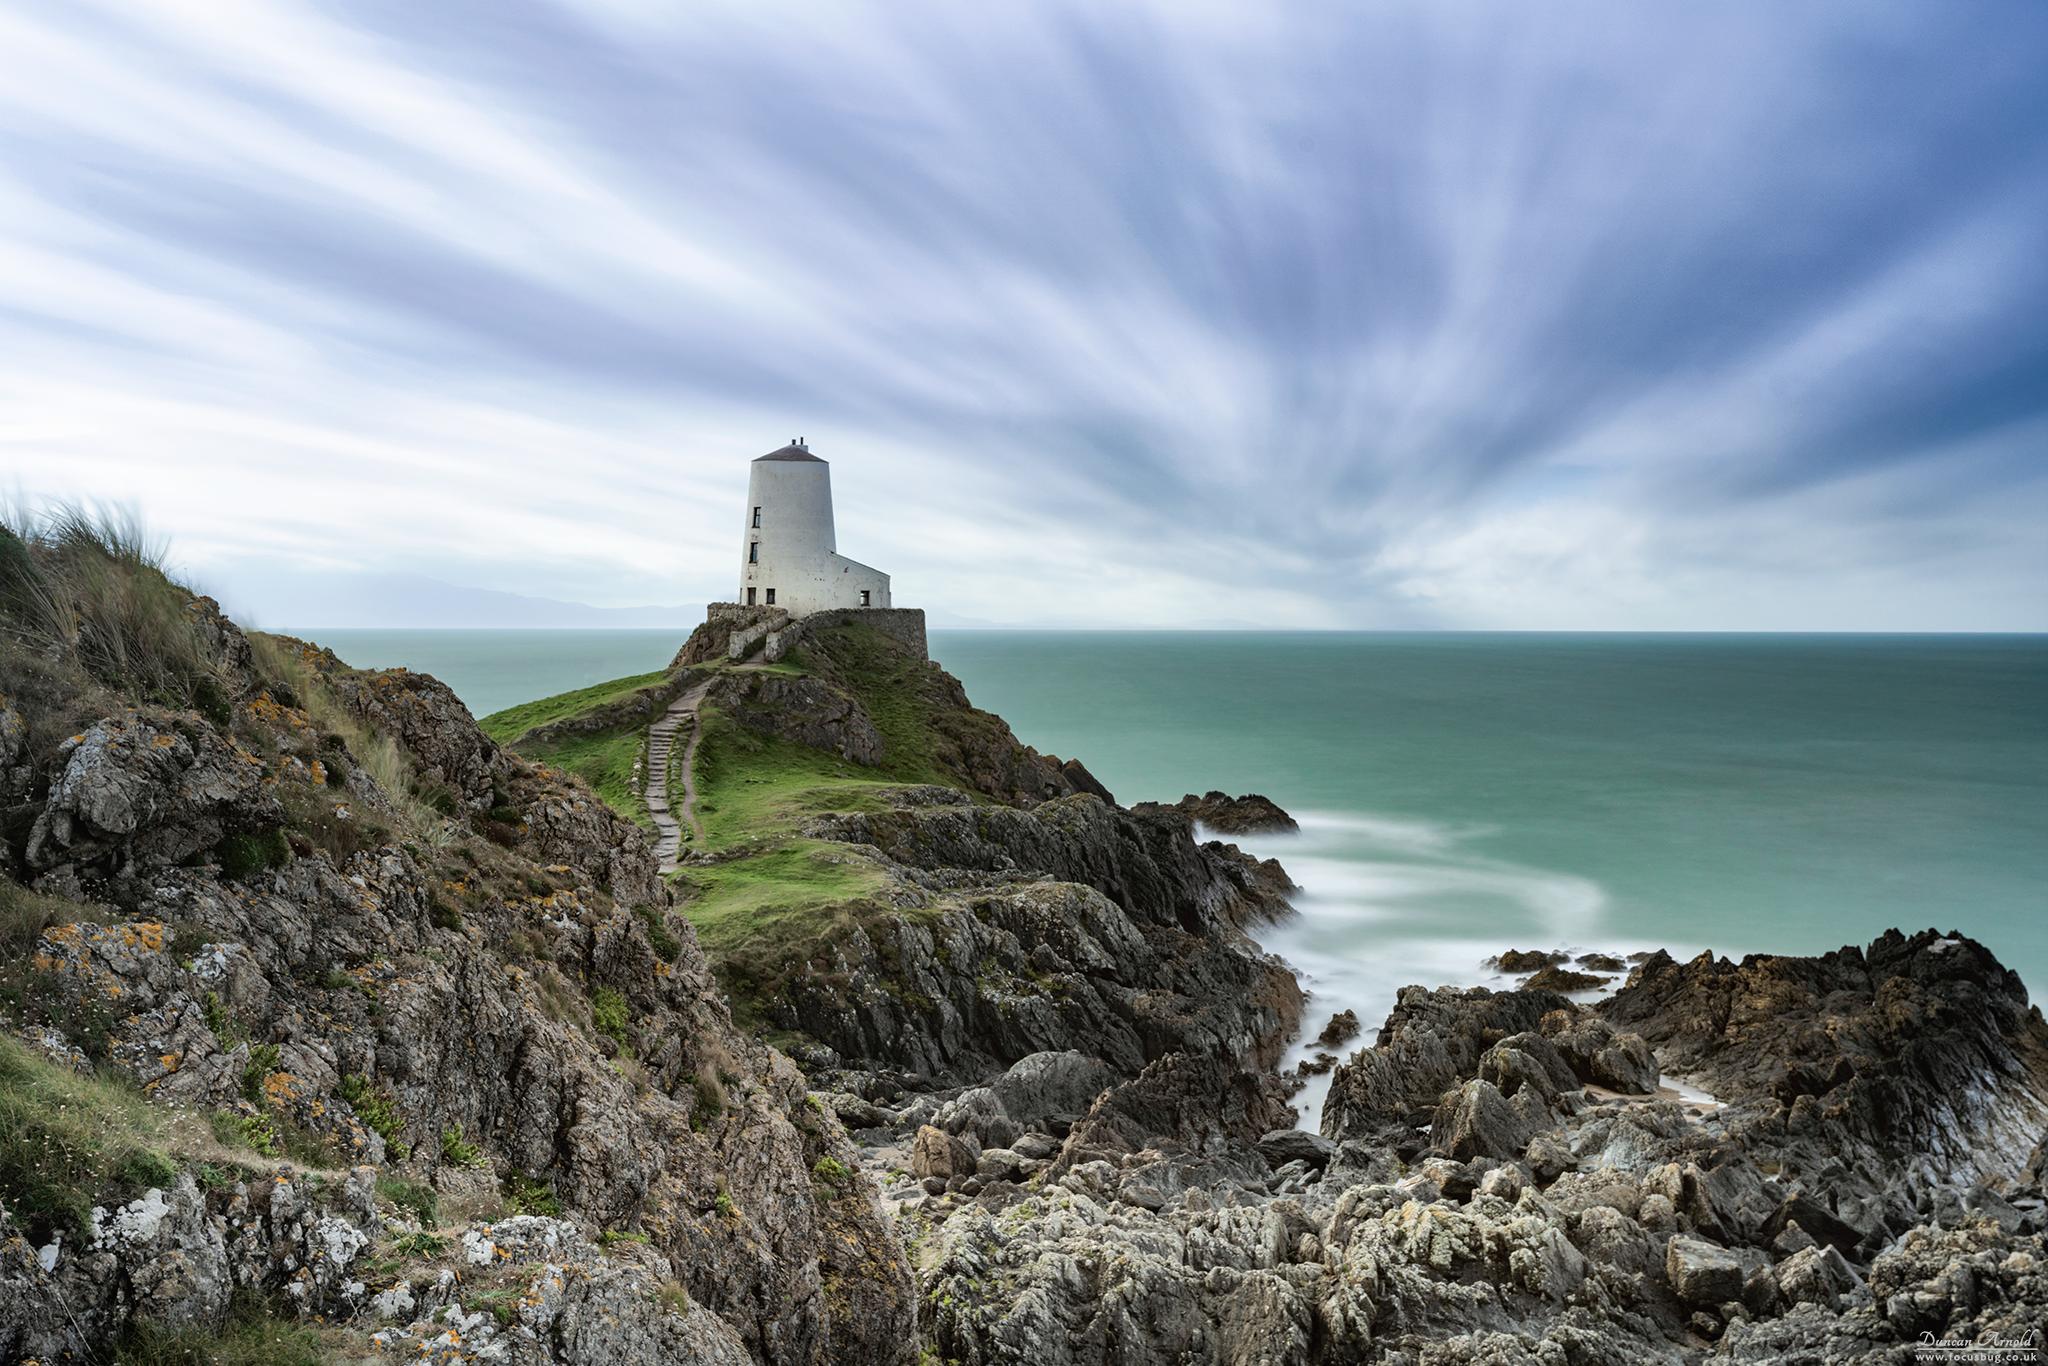 Tŵr Mawr lighthouse, Ynys Llanddwyn, Anglesey